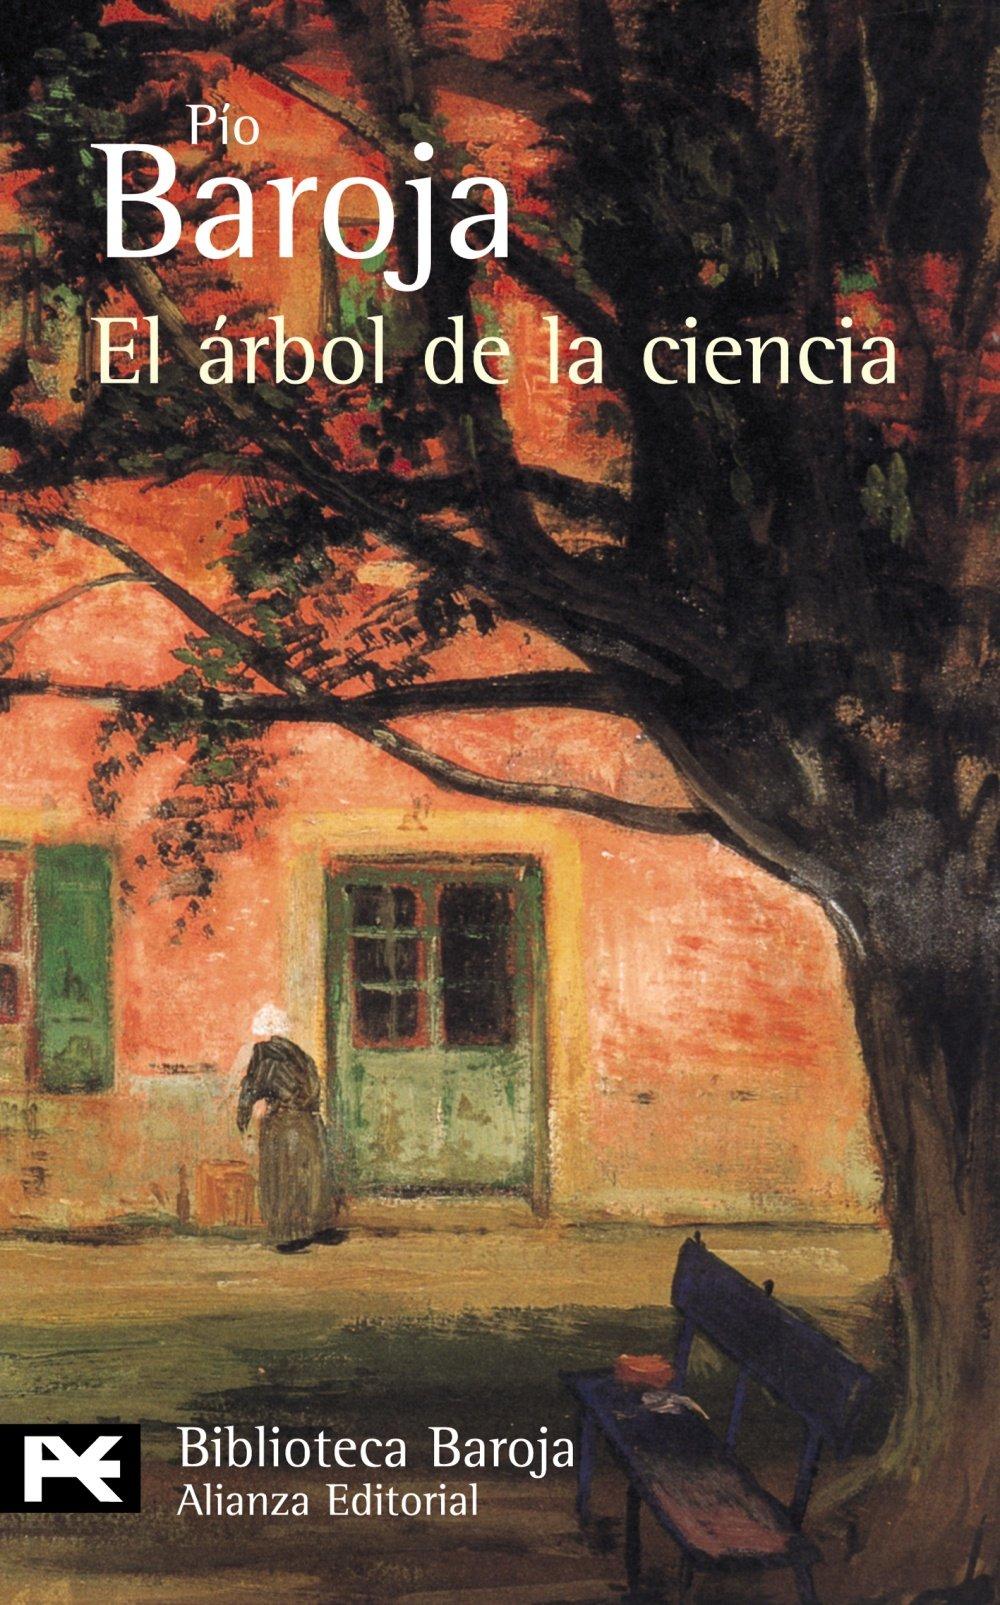 El árbol de la ciencia: 374 El Libro De Bolsillo - Bibliotecas De Autor - Biblioteca Baroja: Amazon.es: Baroja, Pío: Libros